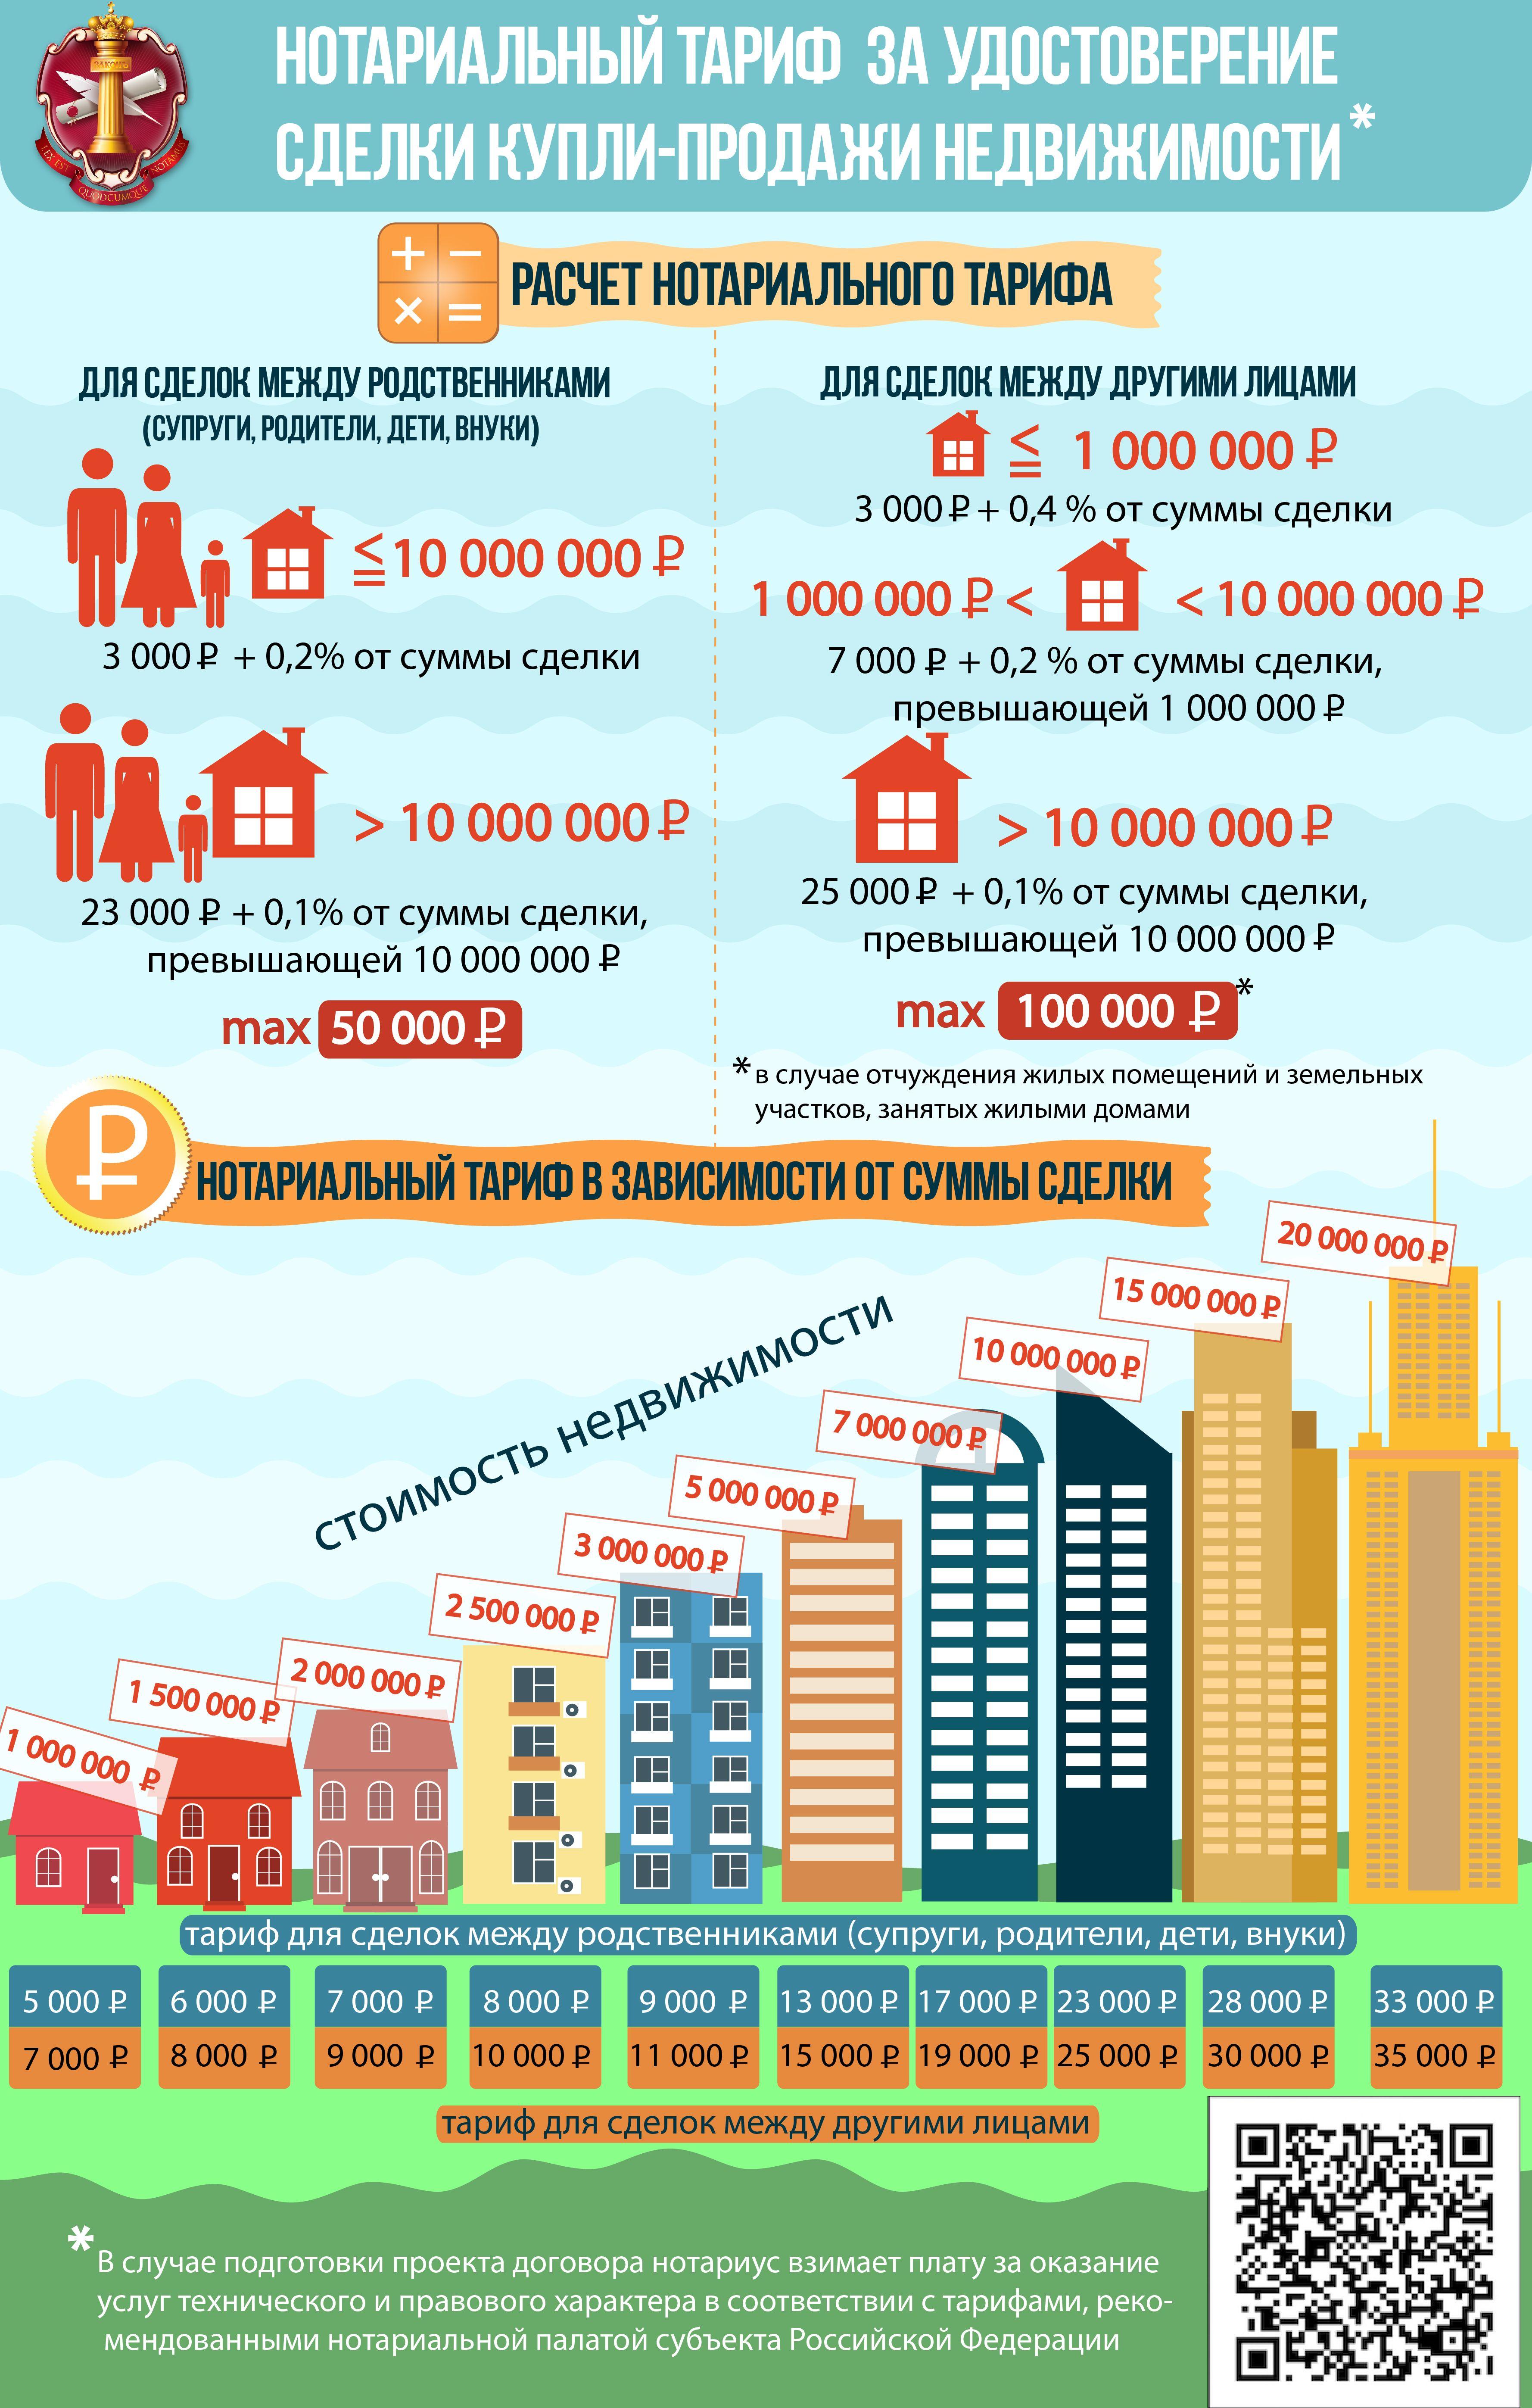 Сайты для продажи недвижимости за рубежом куплю квартиру в дубае недорого